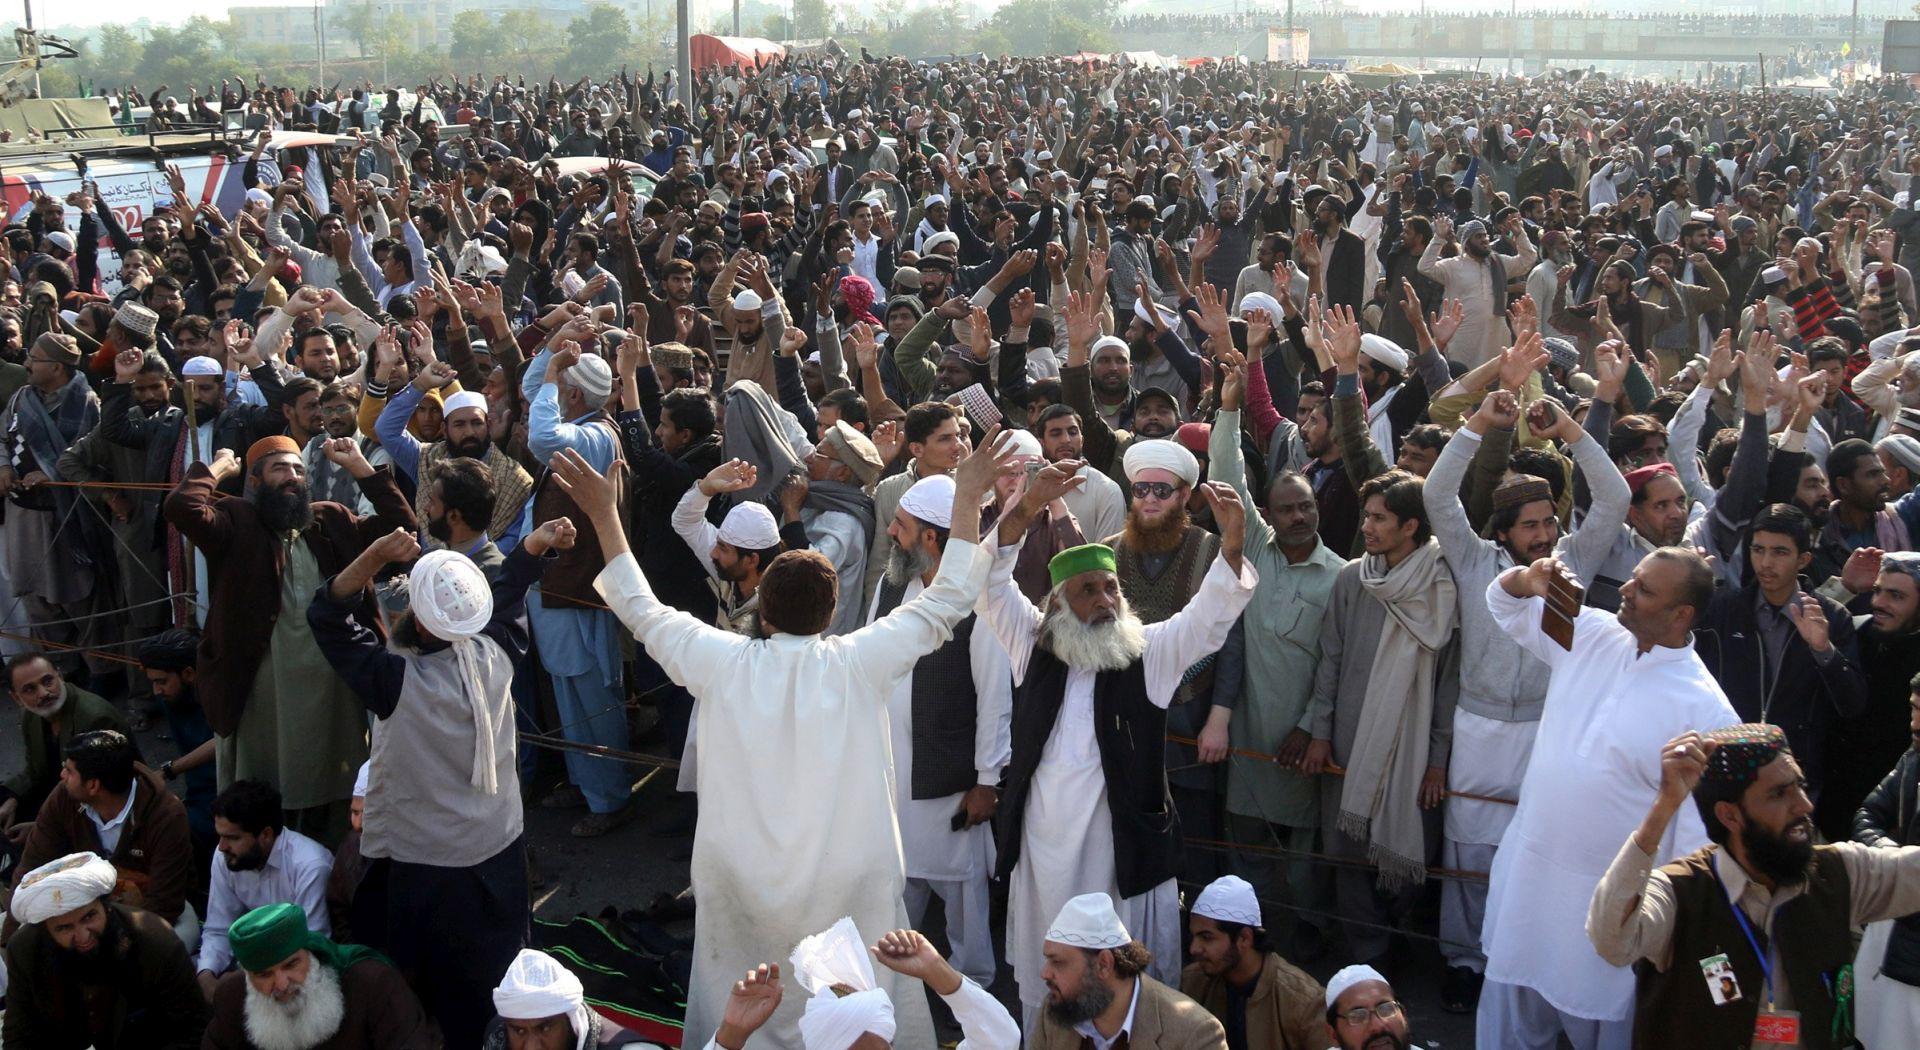 PAKISTAN Čelnici neće upotrijebiti silu protiv islamističkih prosvjednika